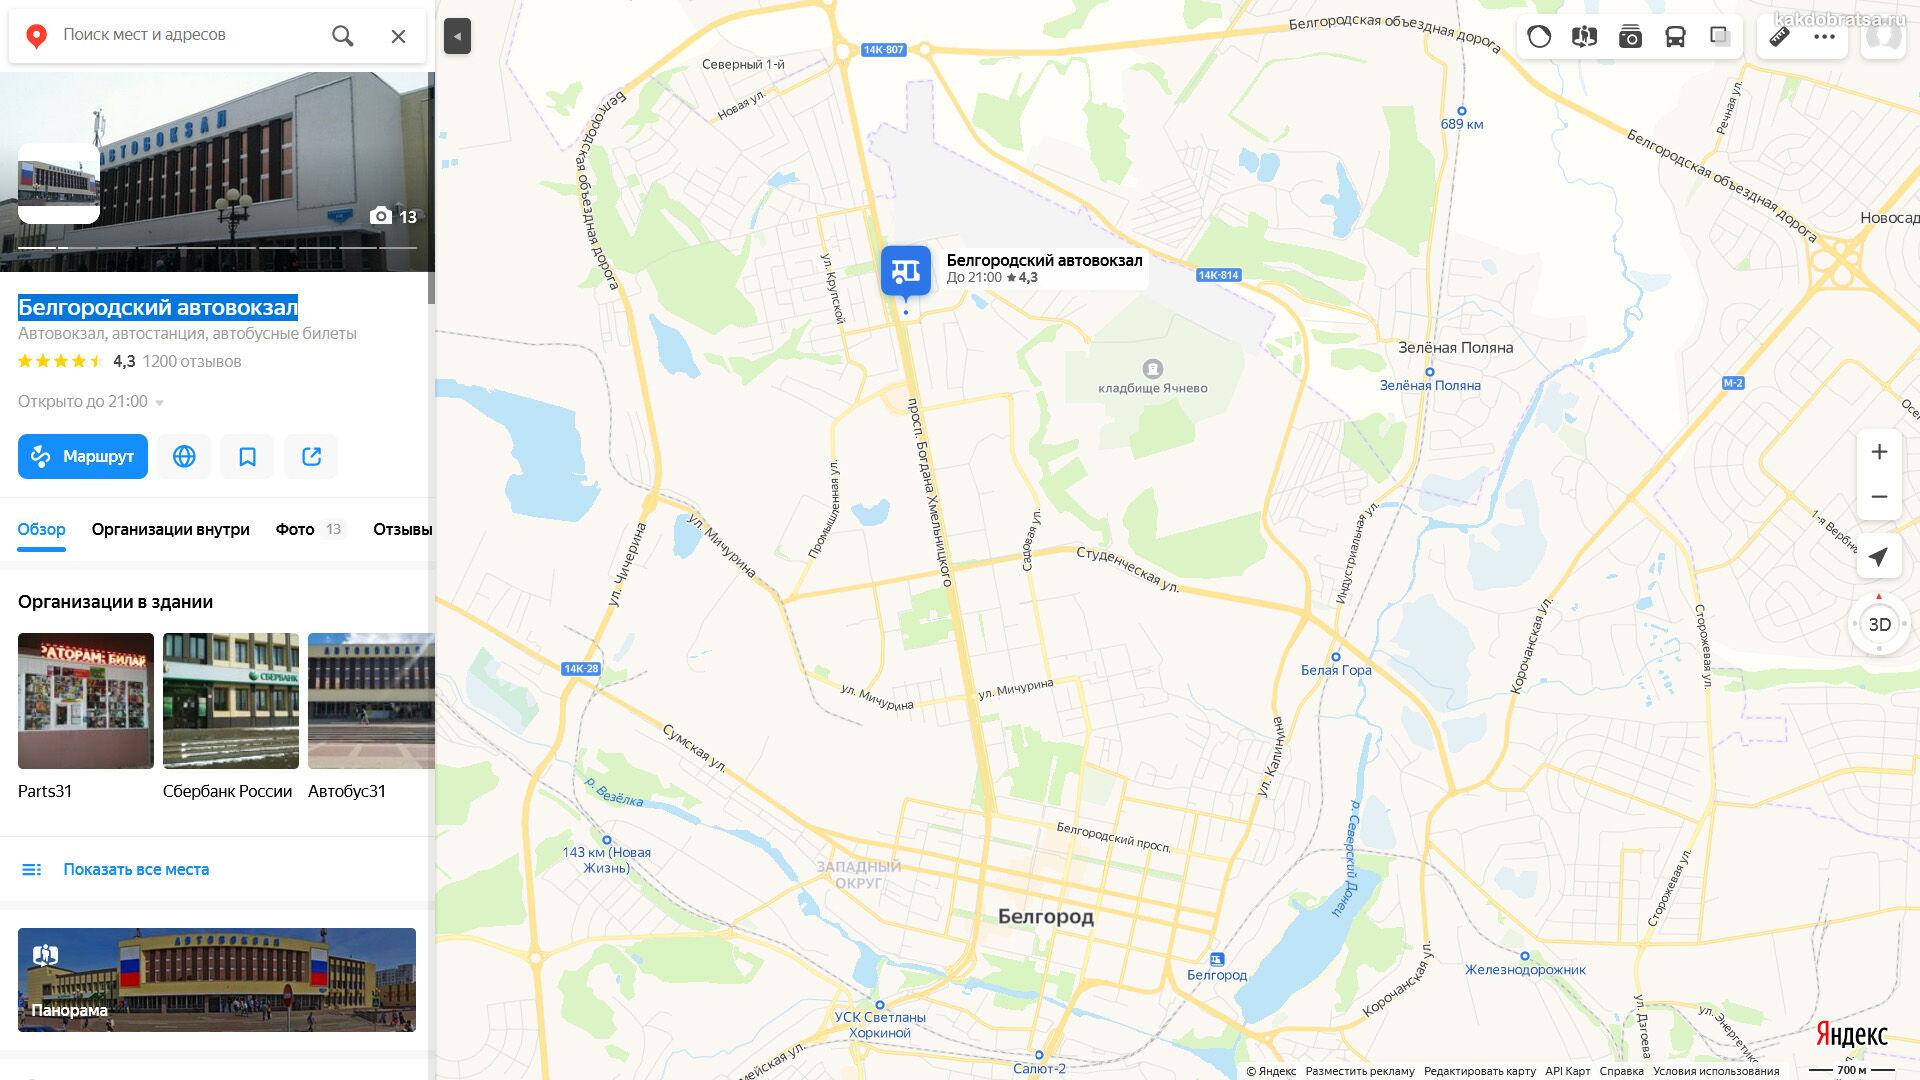 Белгородский автовокзал на карте и адрес